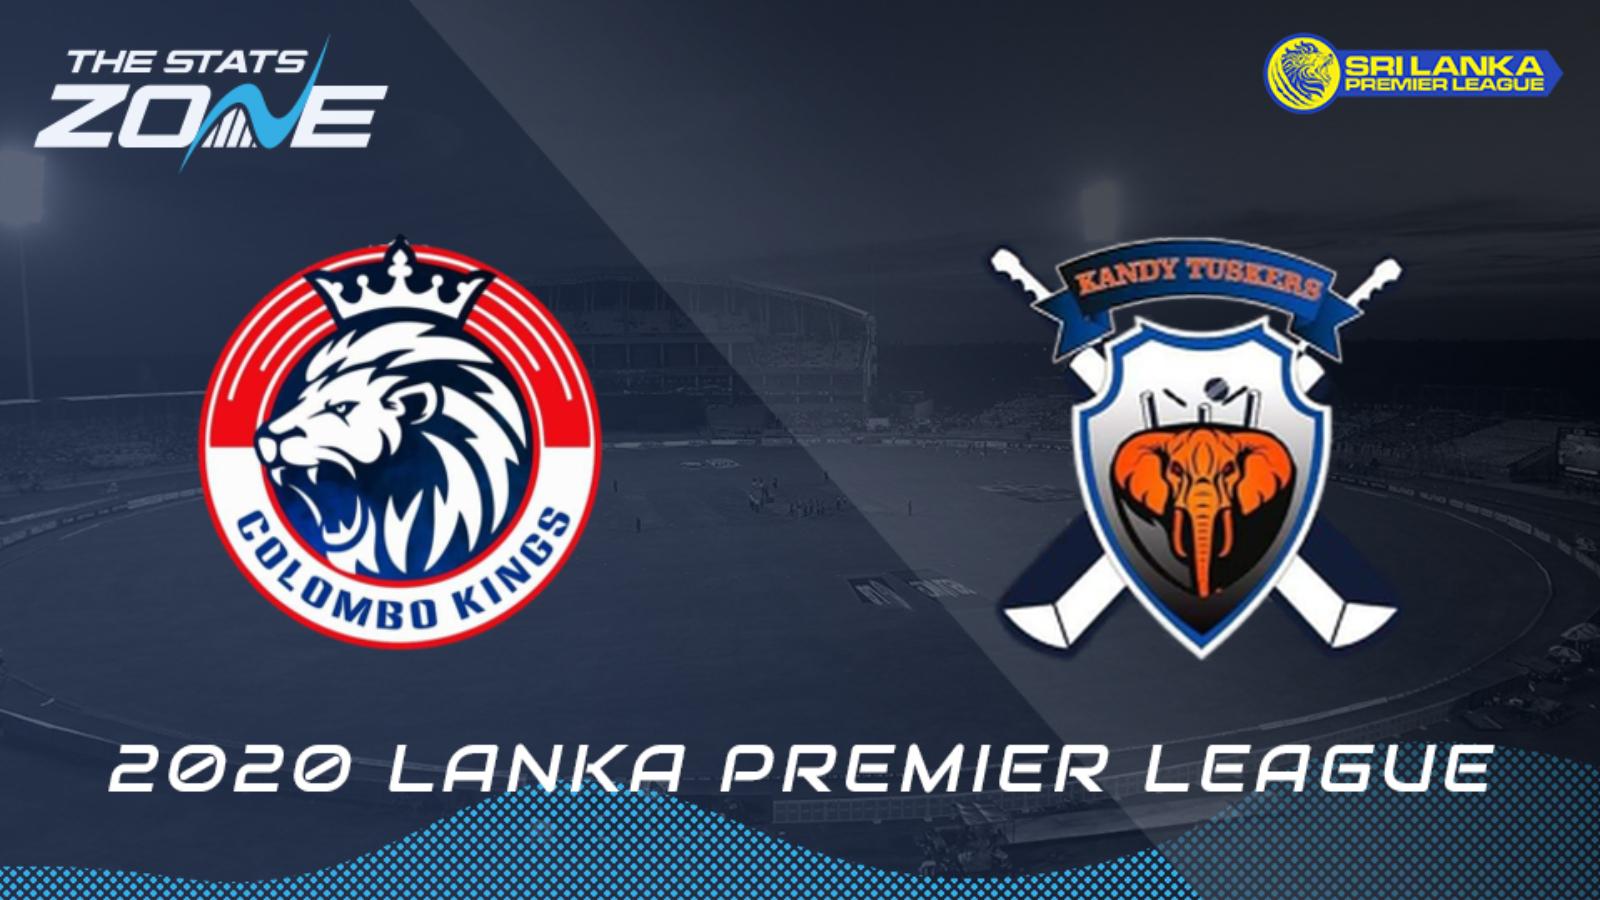 Primier League